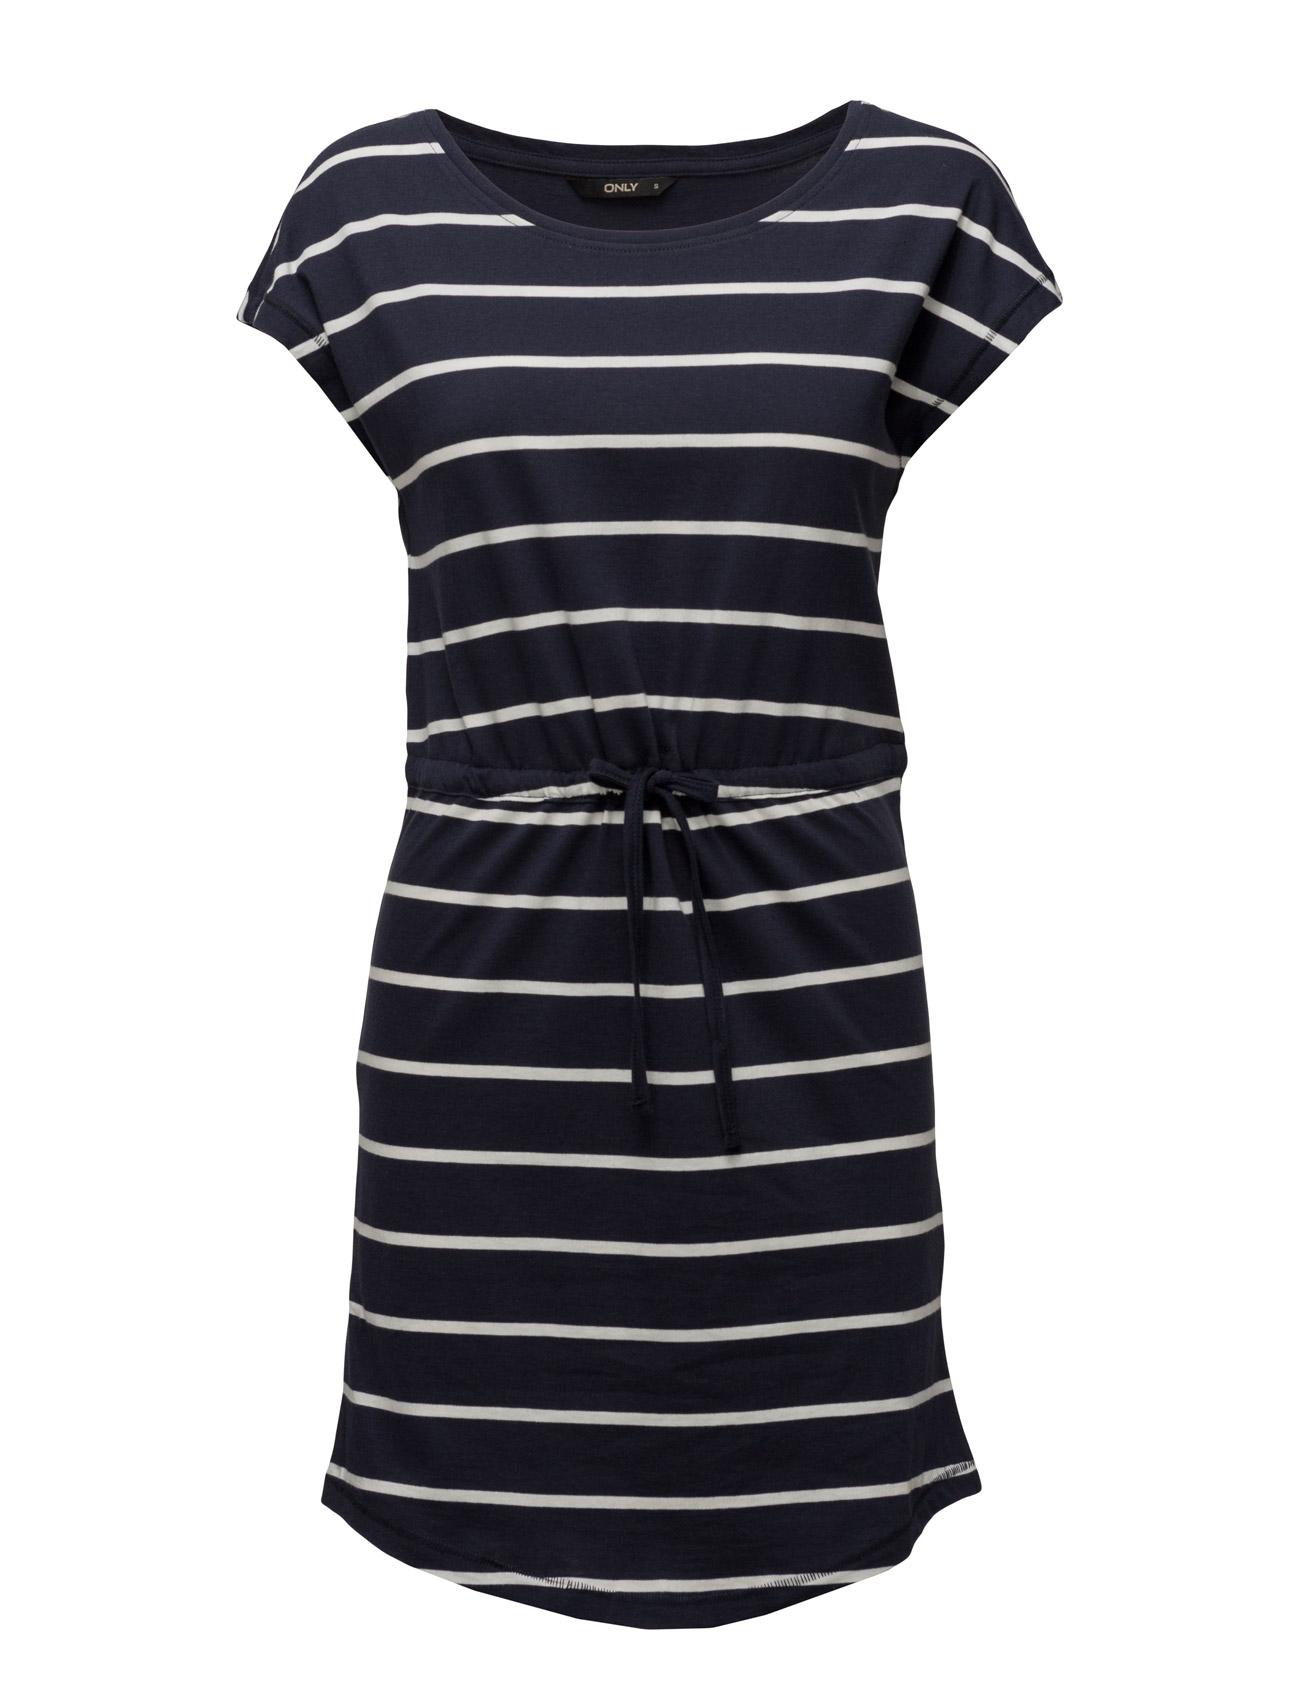 Onlmay Ss Dress Noos ONLY Kjoler til Kvinder i Nattehimmel